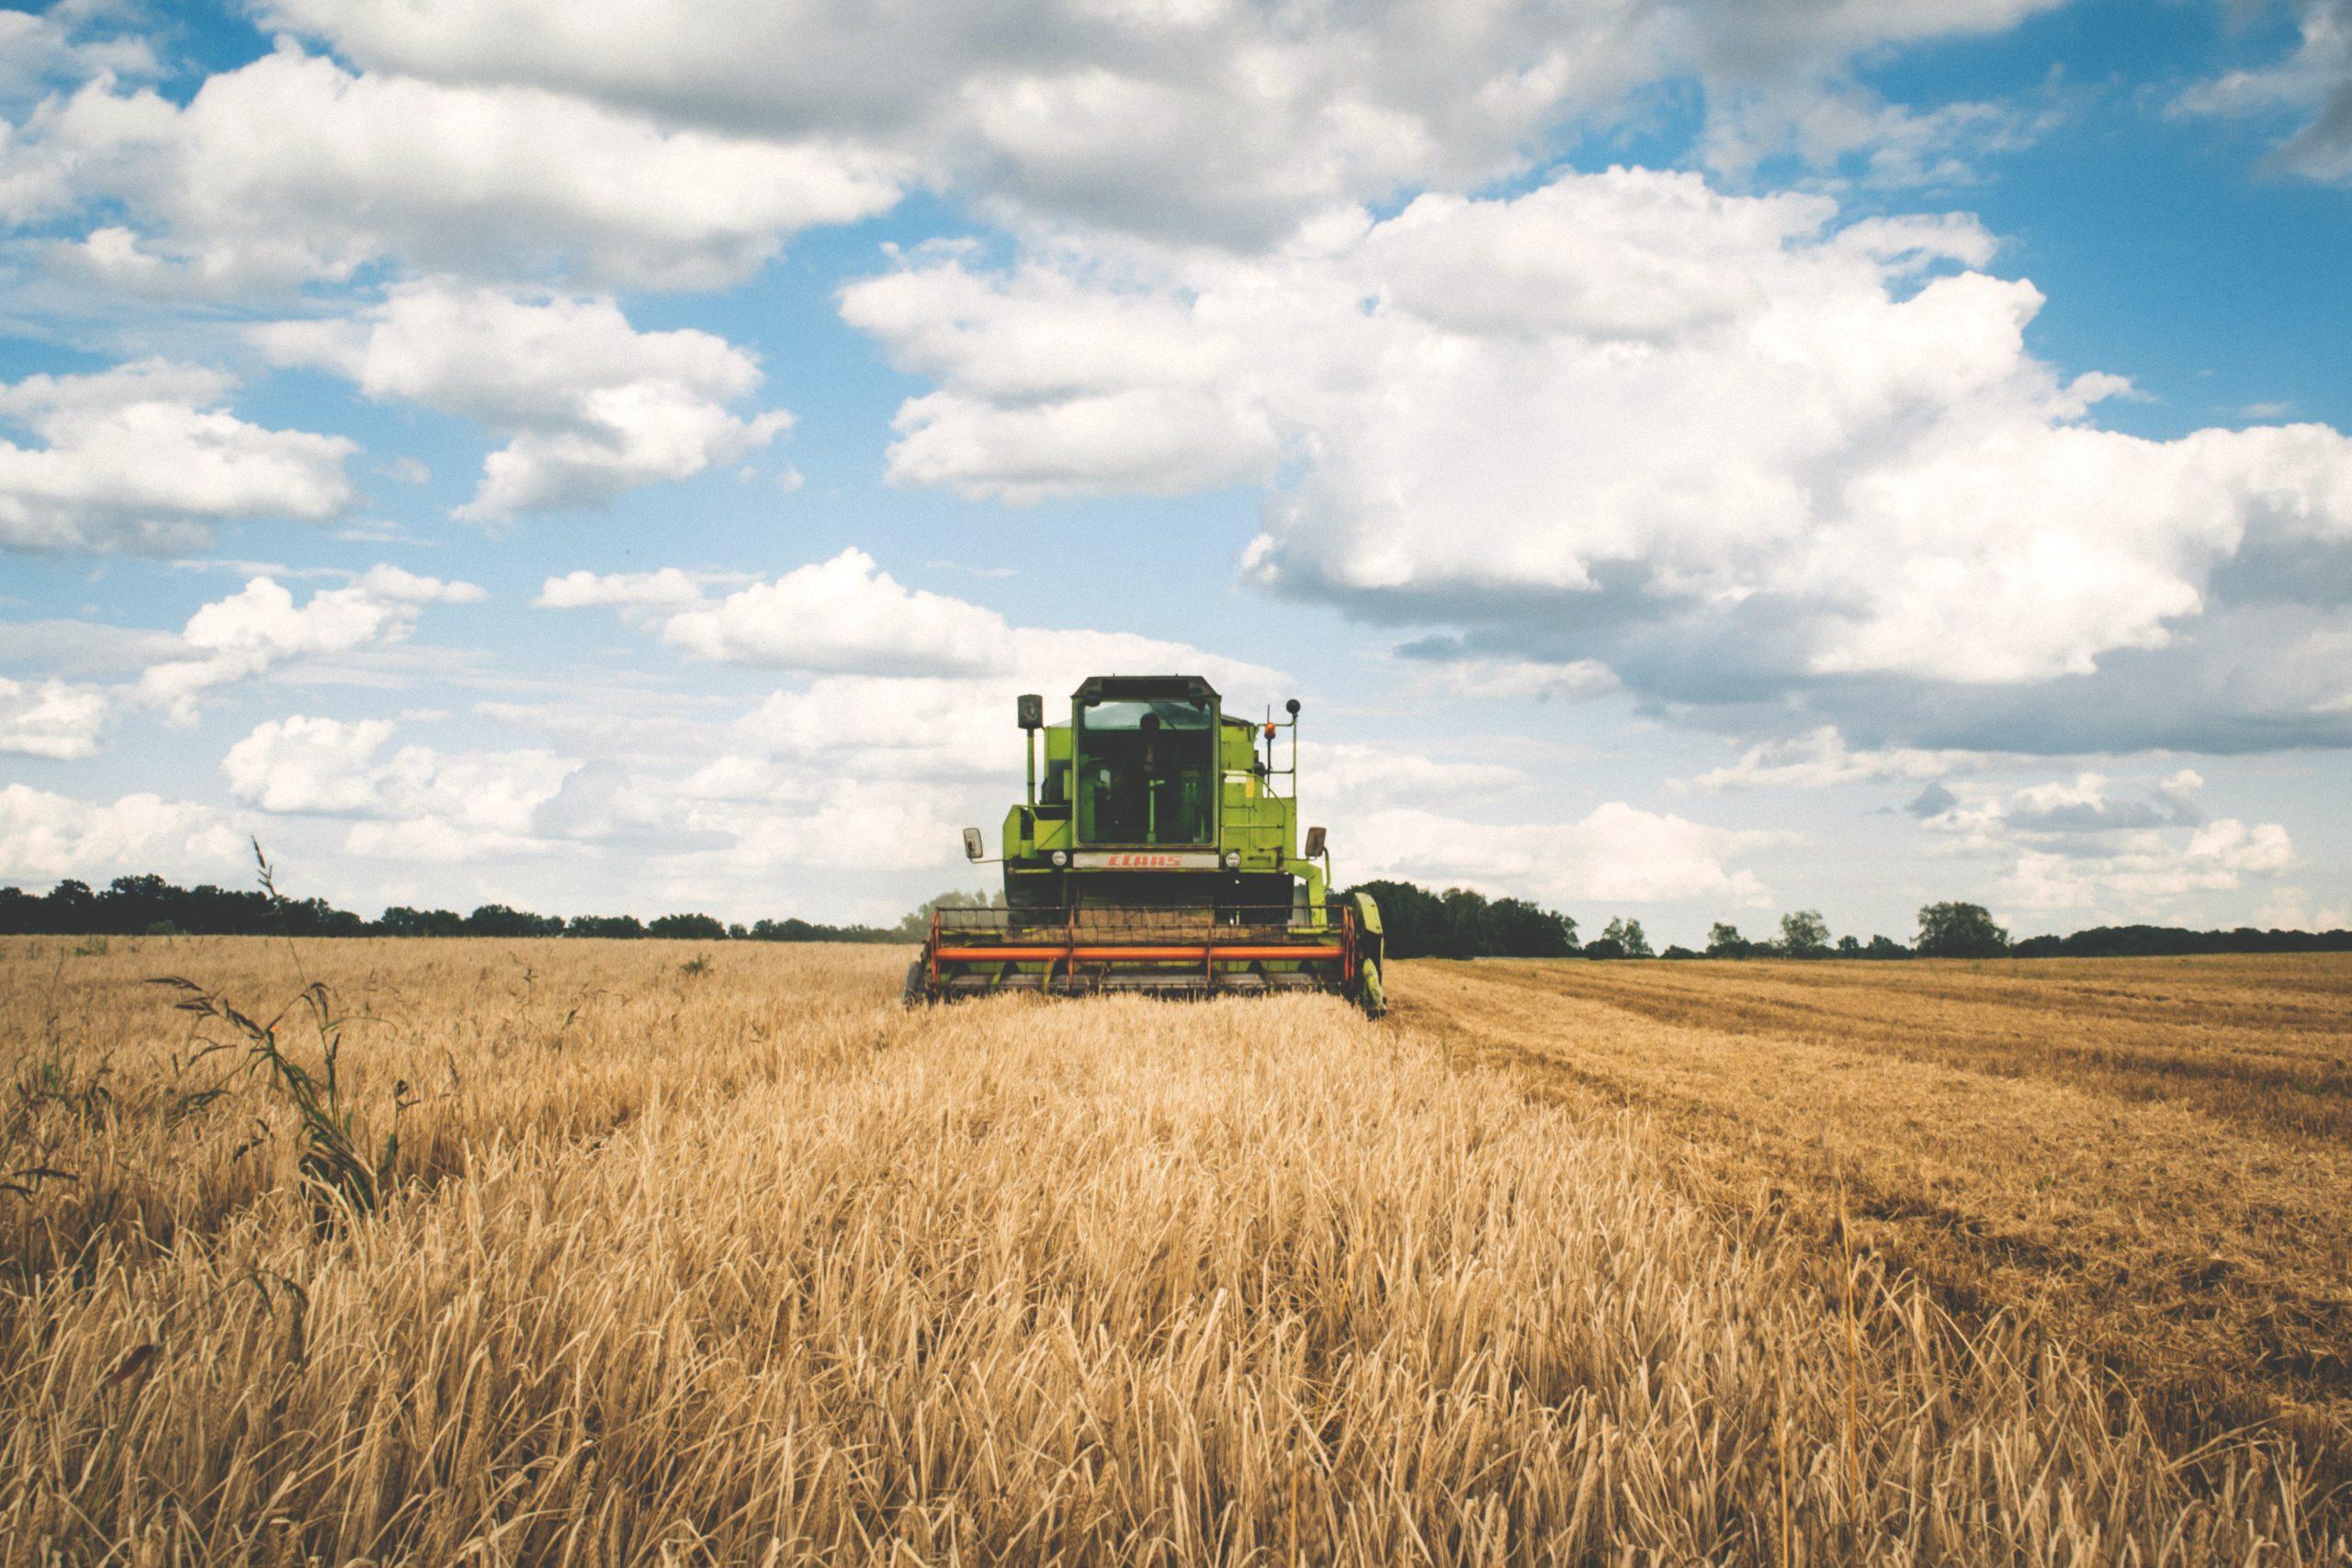 Image du domaine Agricole. Eu Coordination agence de traduction de documents pour l'Agriculture